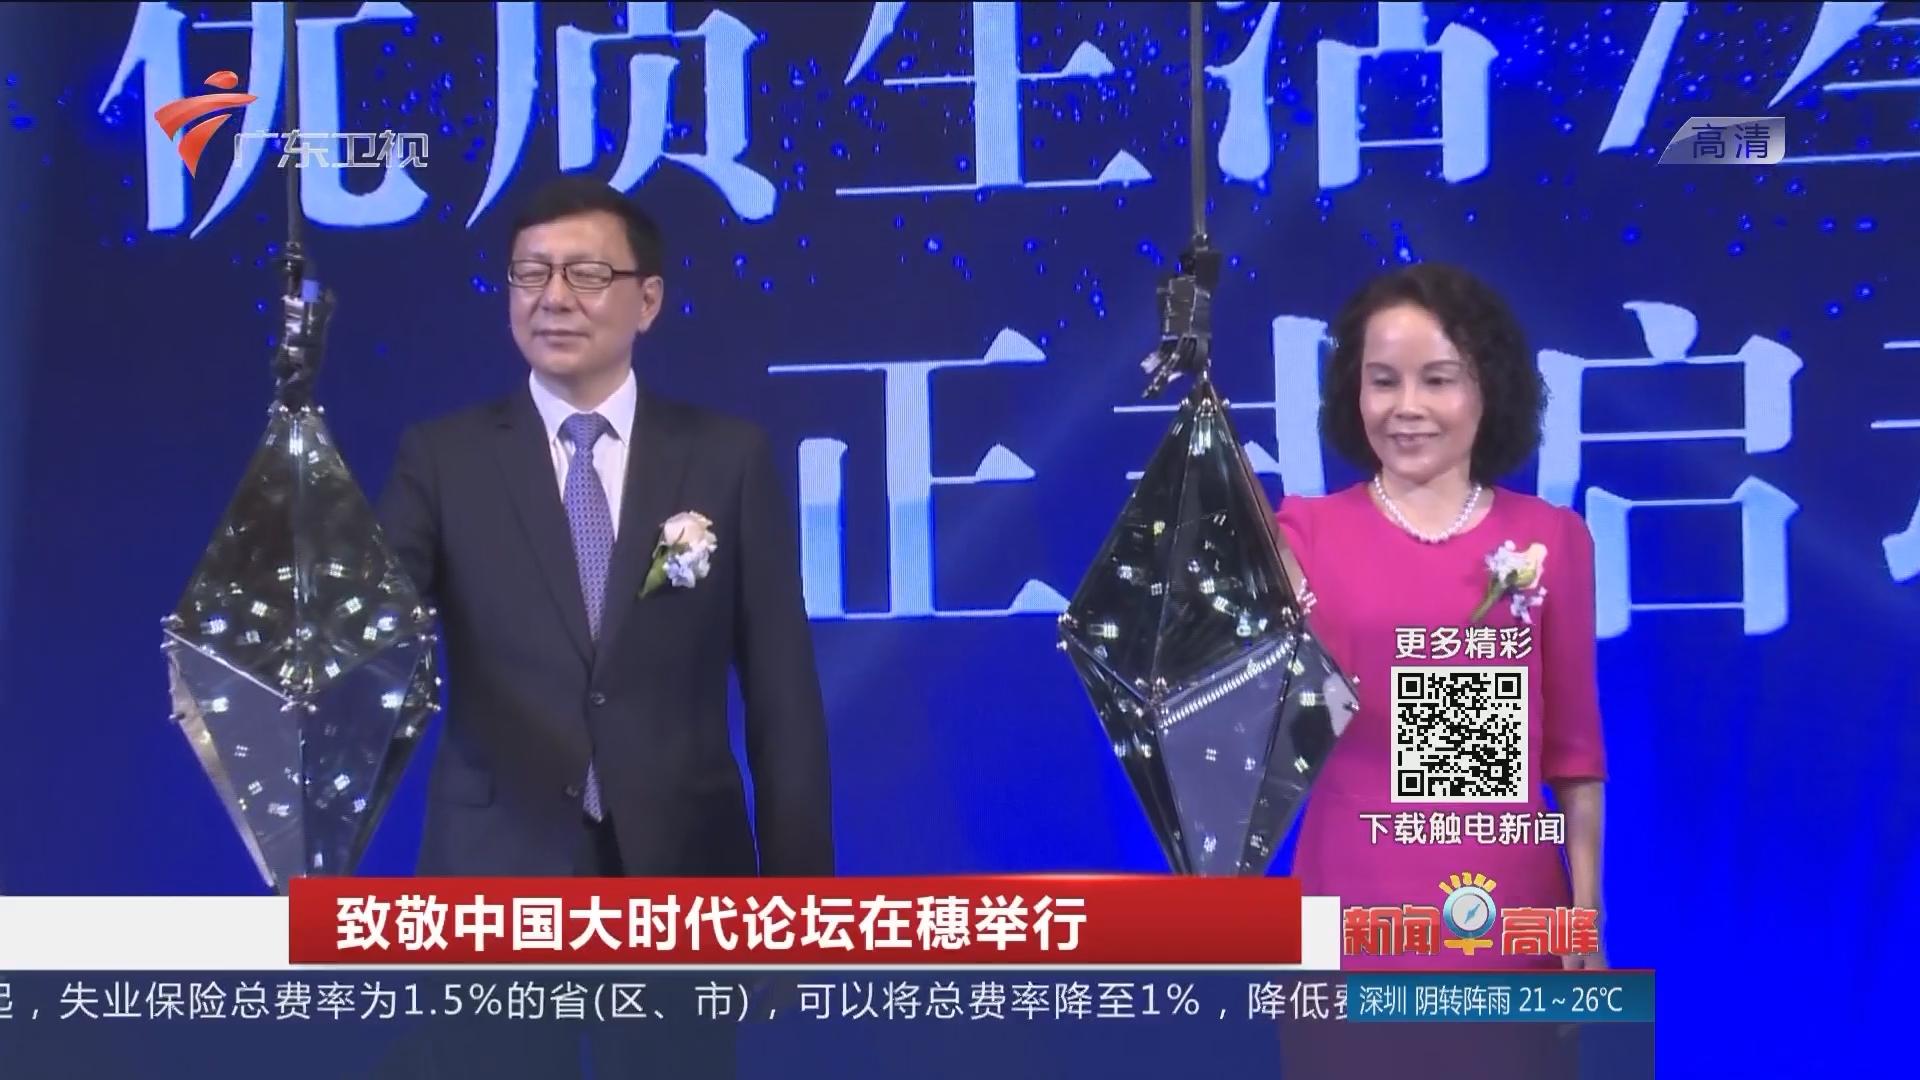 致敬中国大时代论坛在穗举行